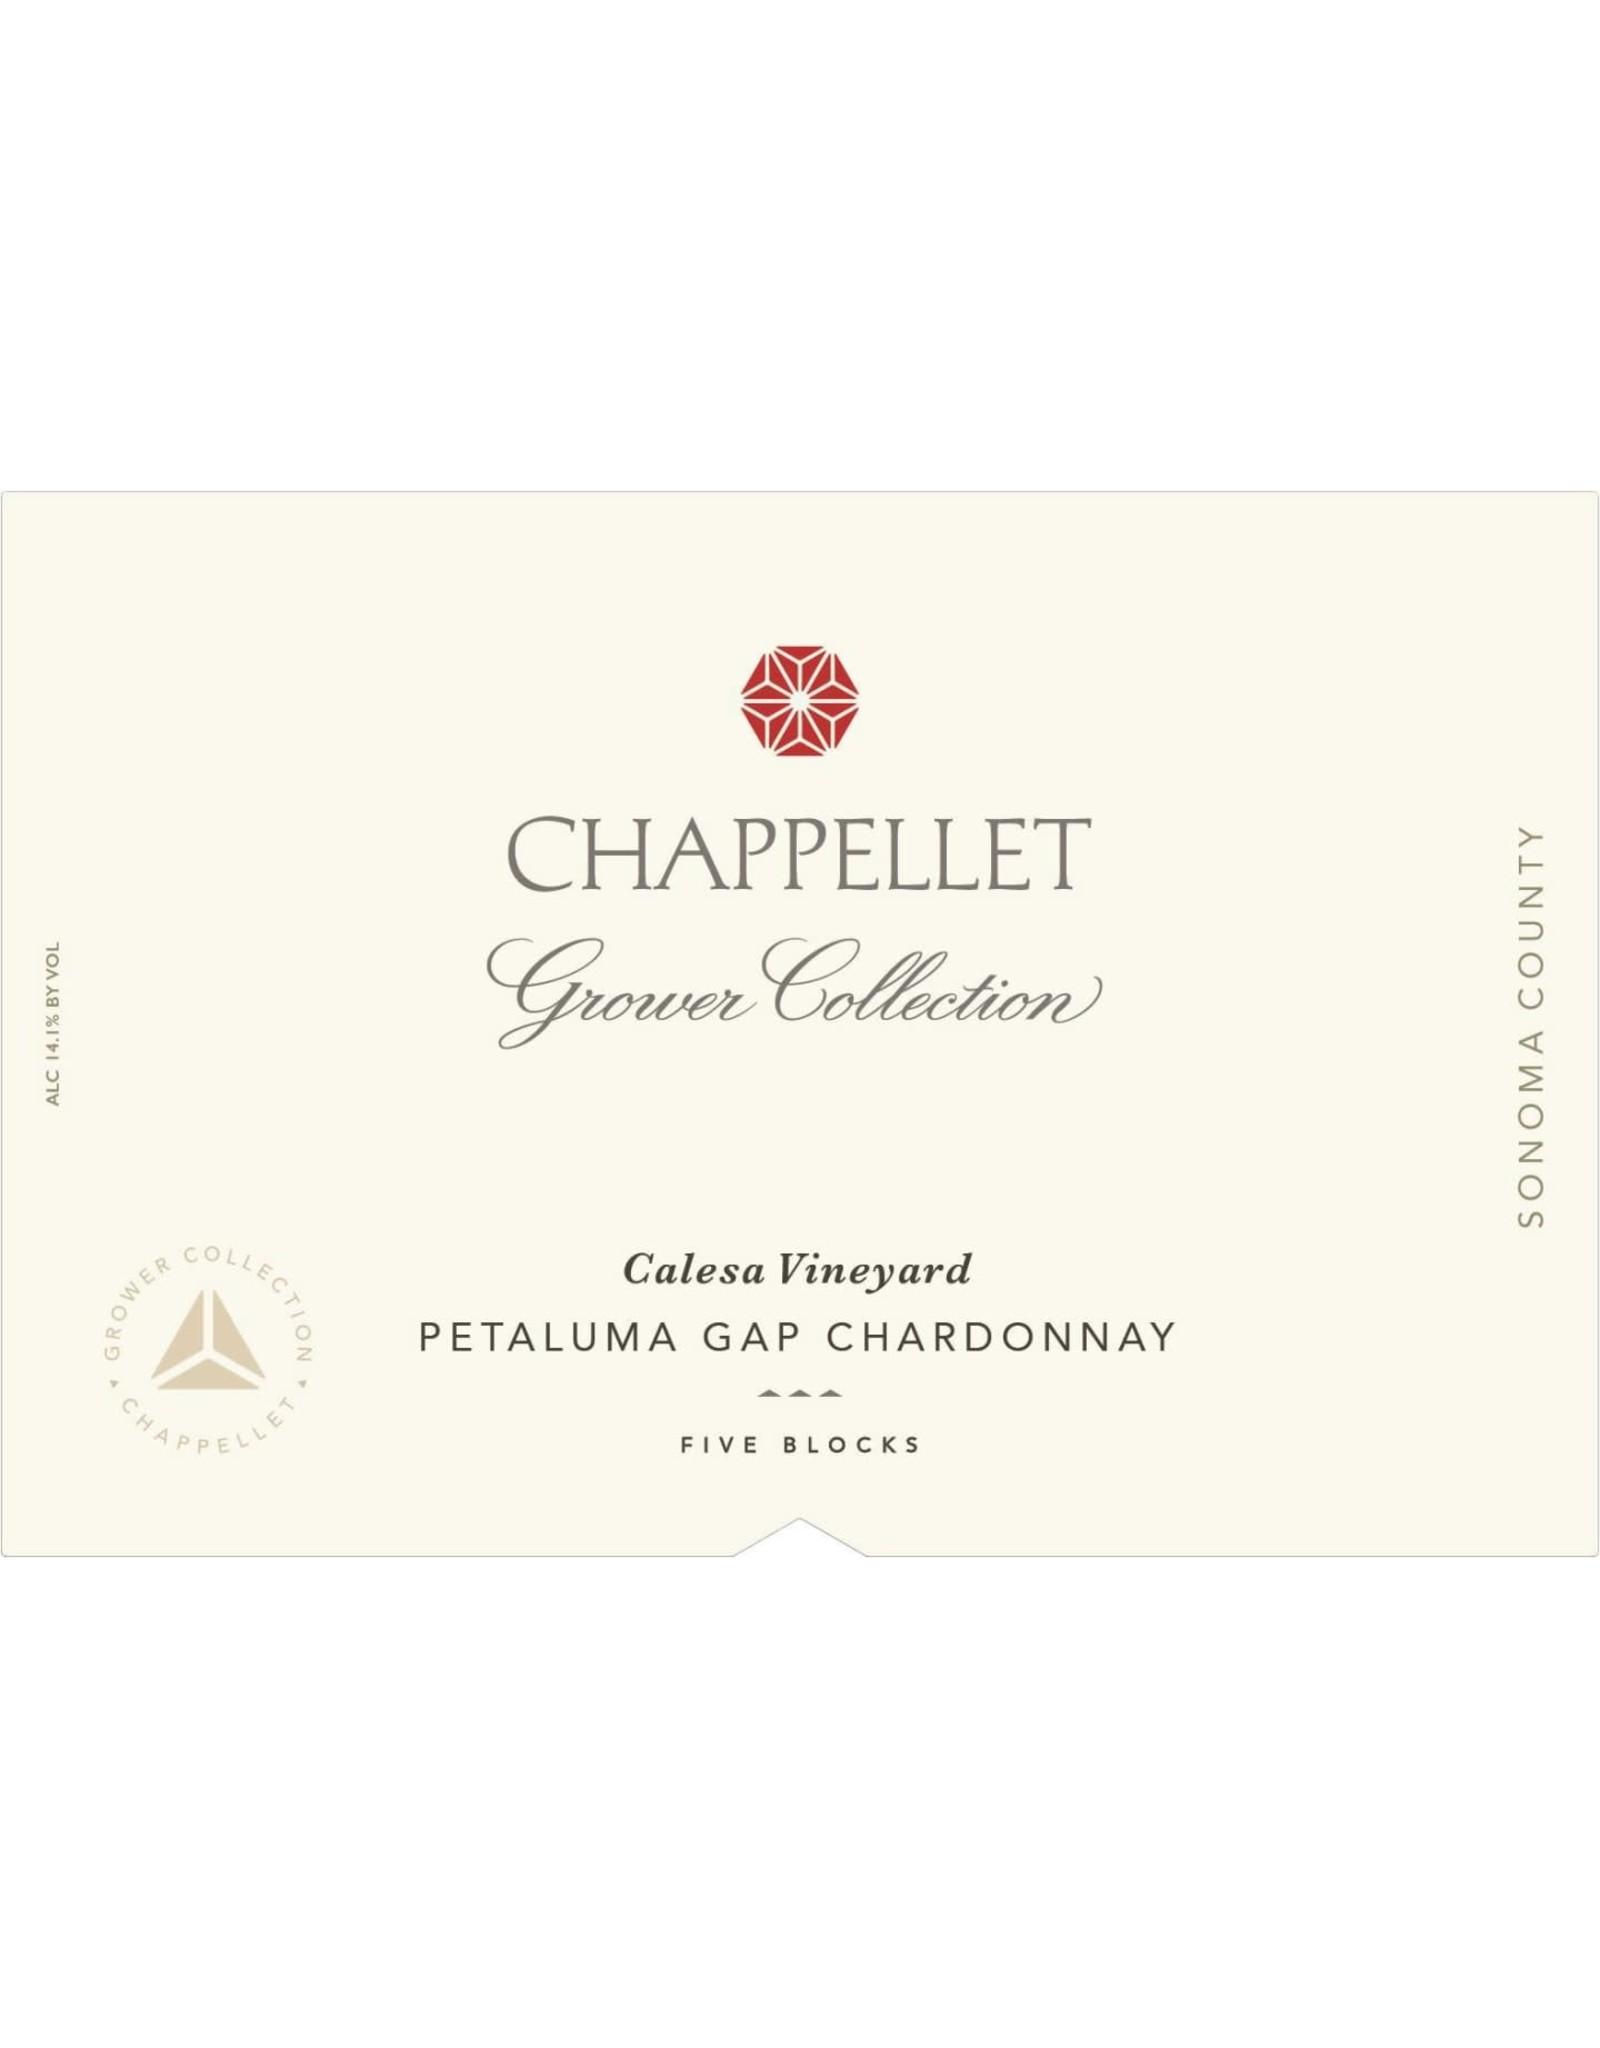 Chappellet Chappellet Chardonnay Calesa, Petaluma Gap 2018